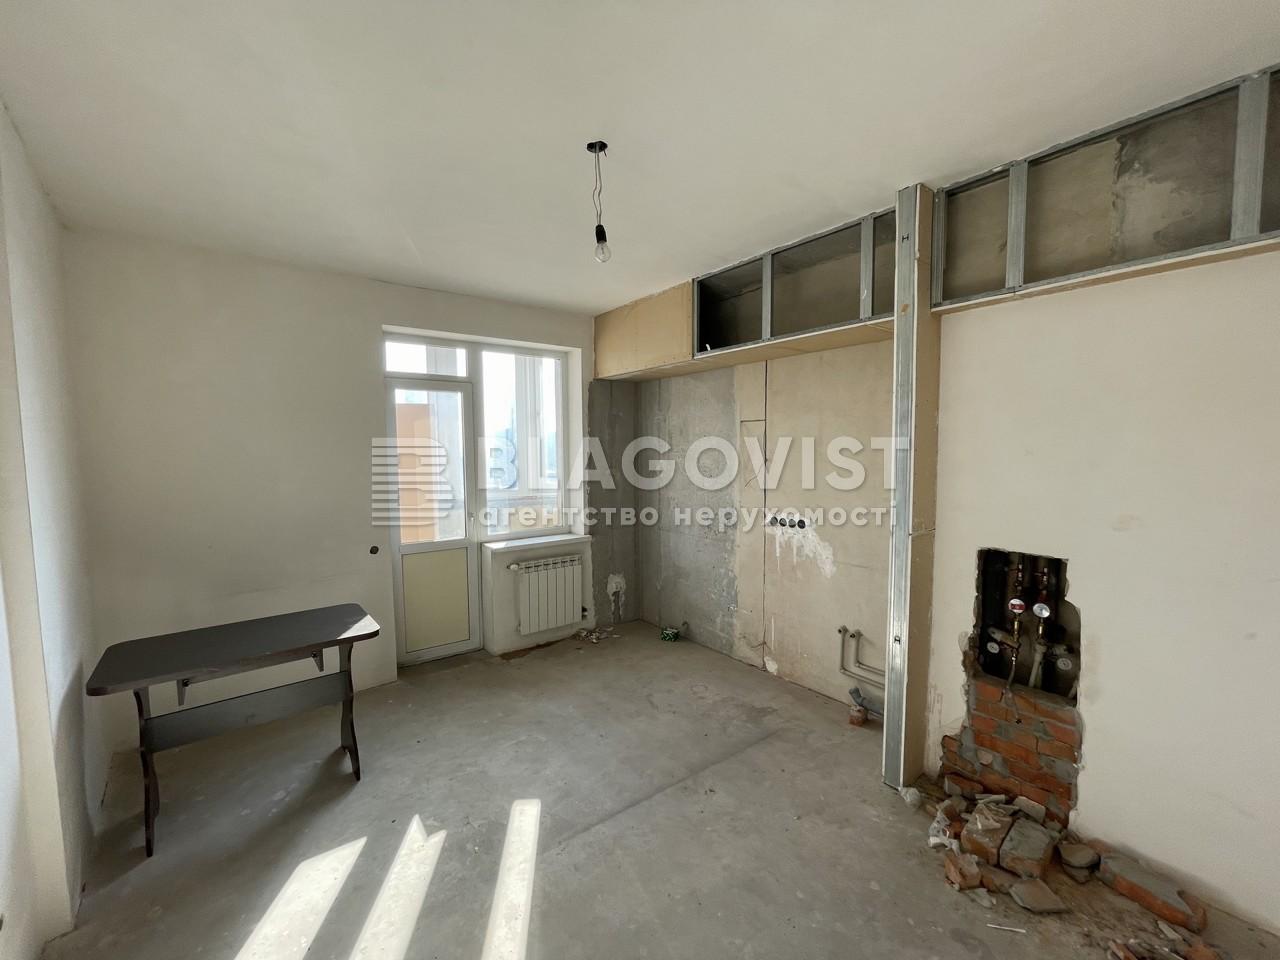 Квартира A-112623, Днепровская наб., 23, Киев - Фото 9